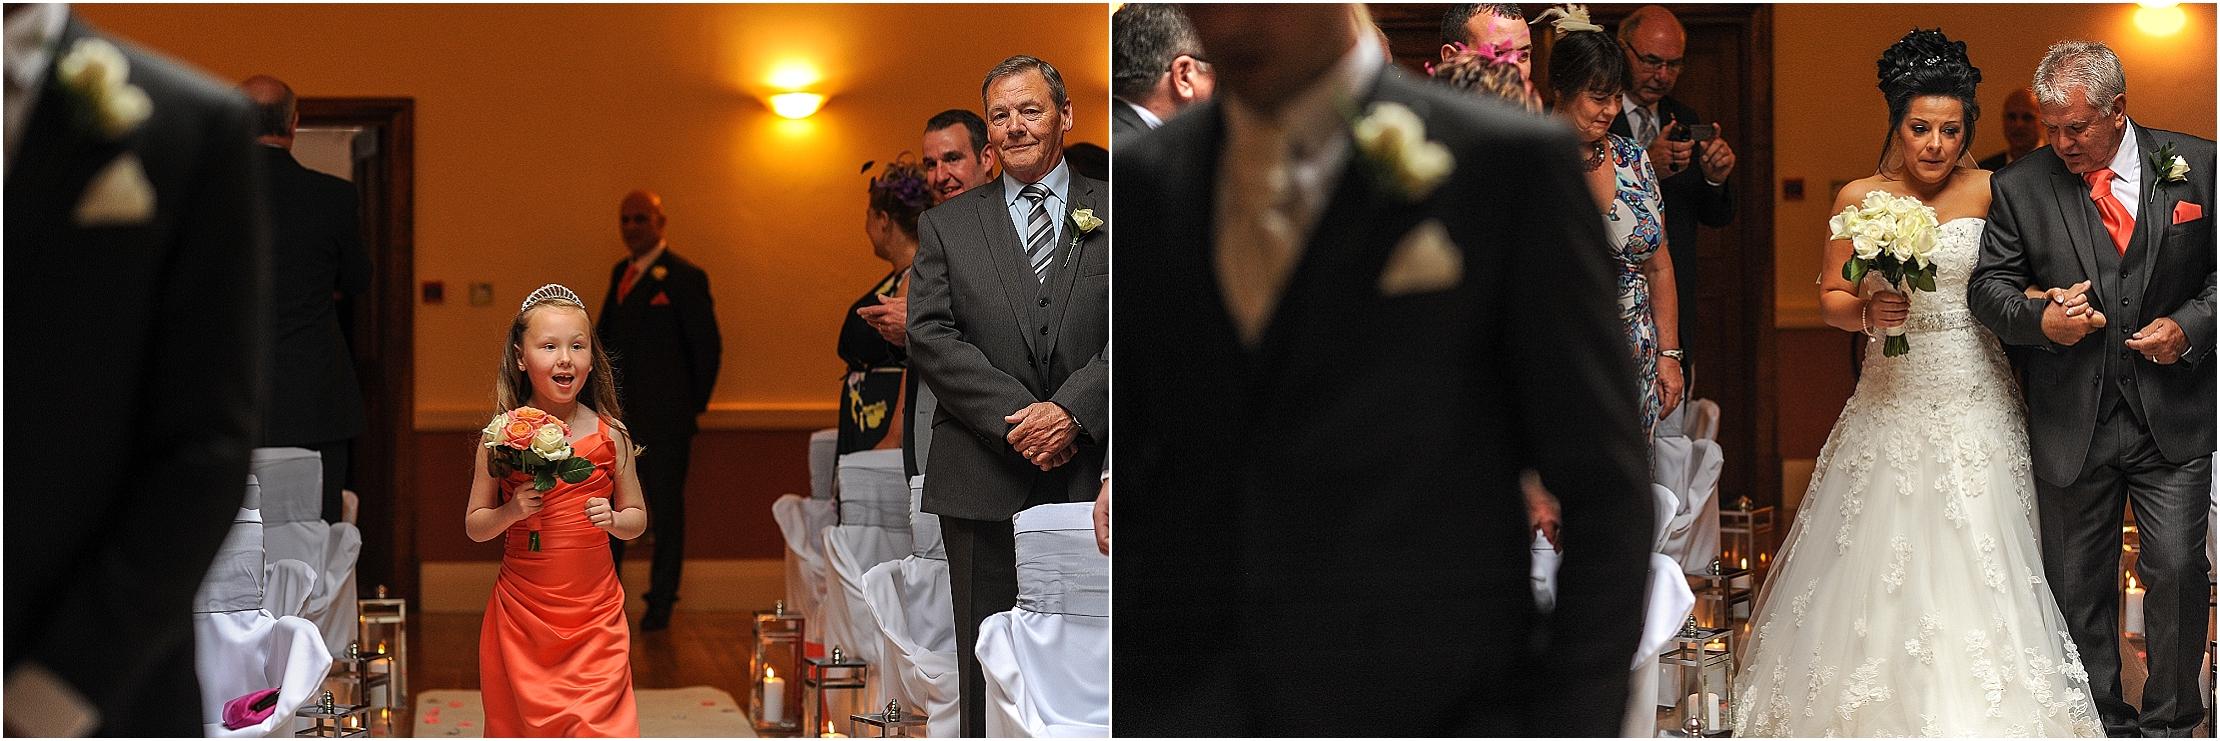 lakeside-hotel-lake-district-wedding - 034.jpg